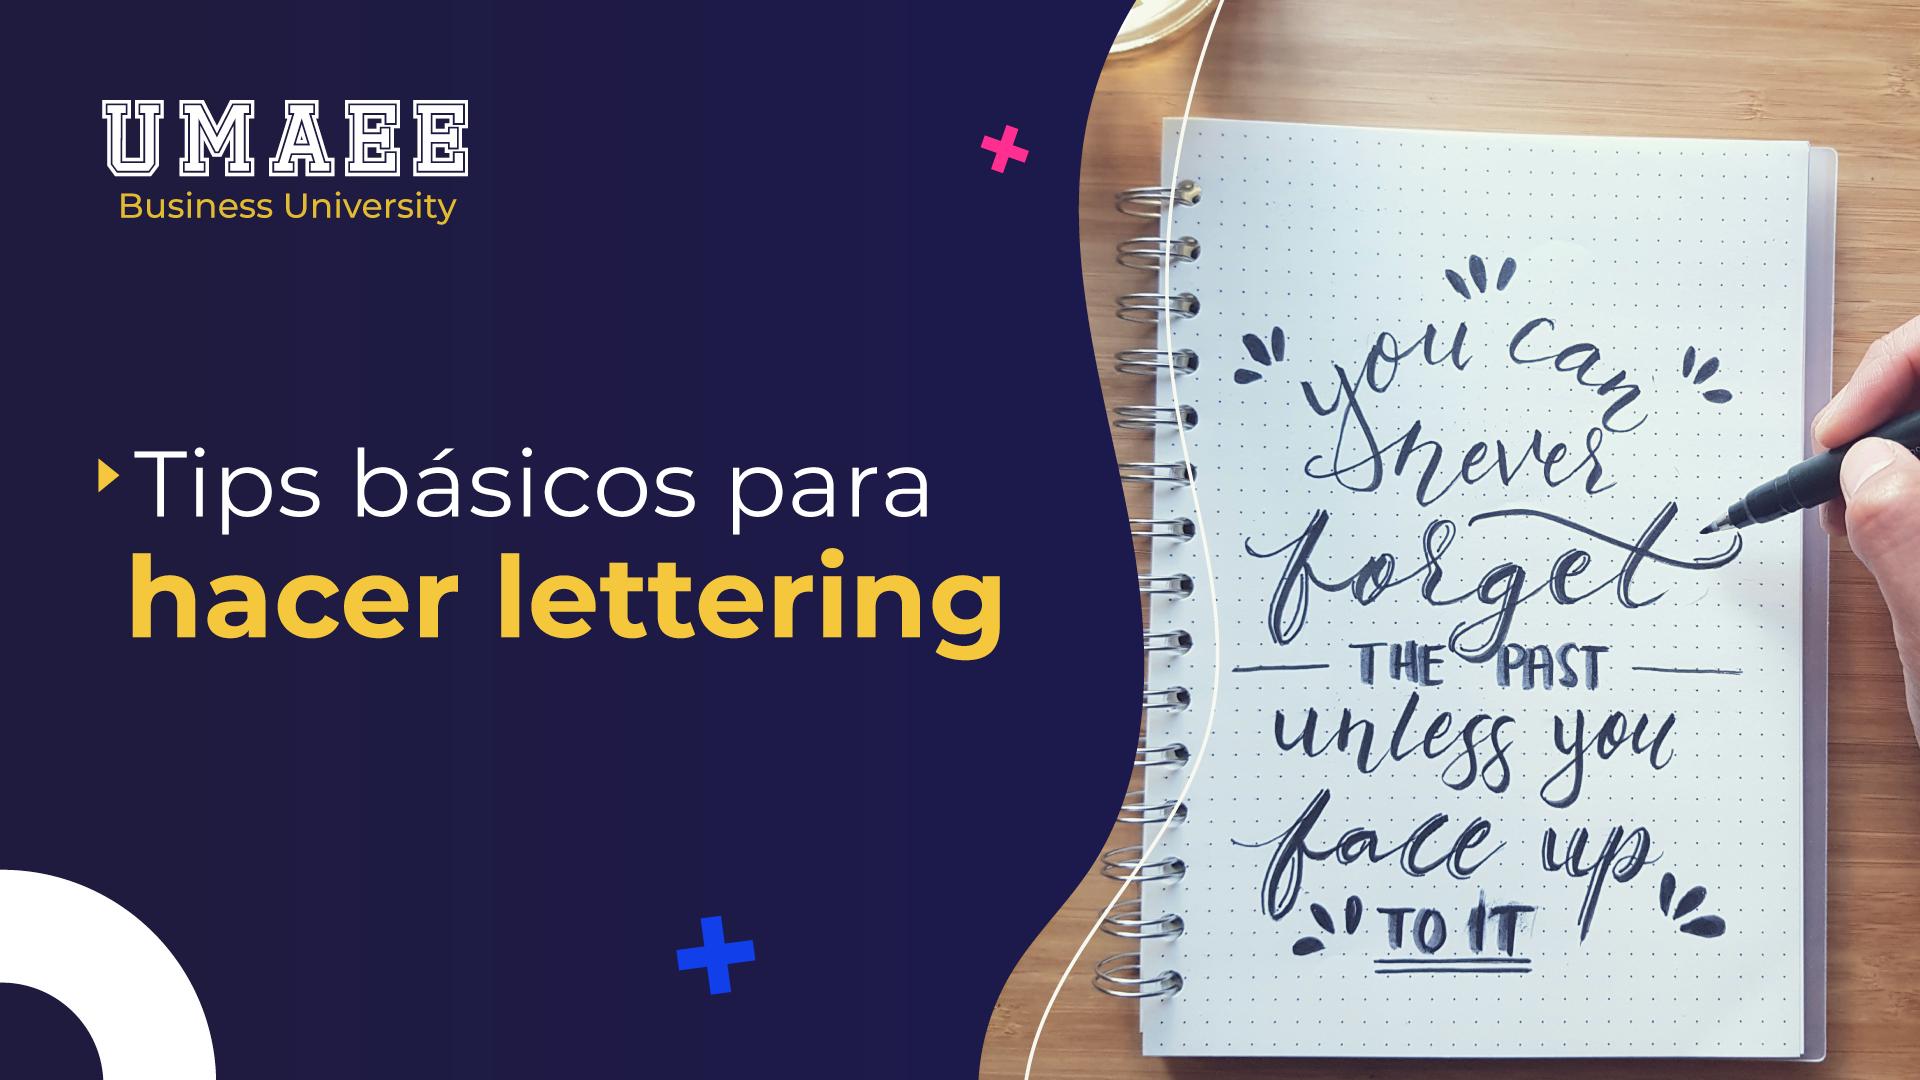 Tips básicos para hacer lettering